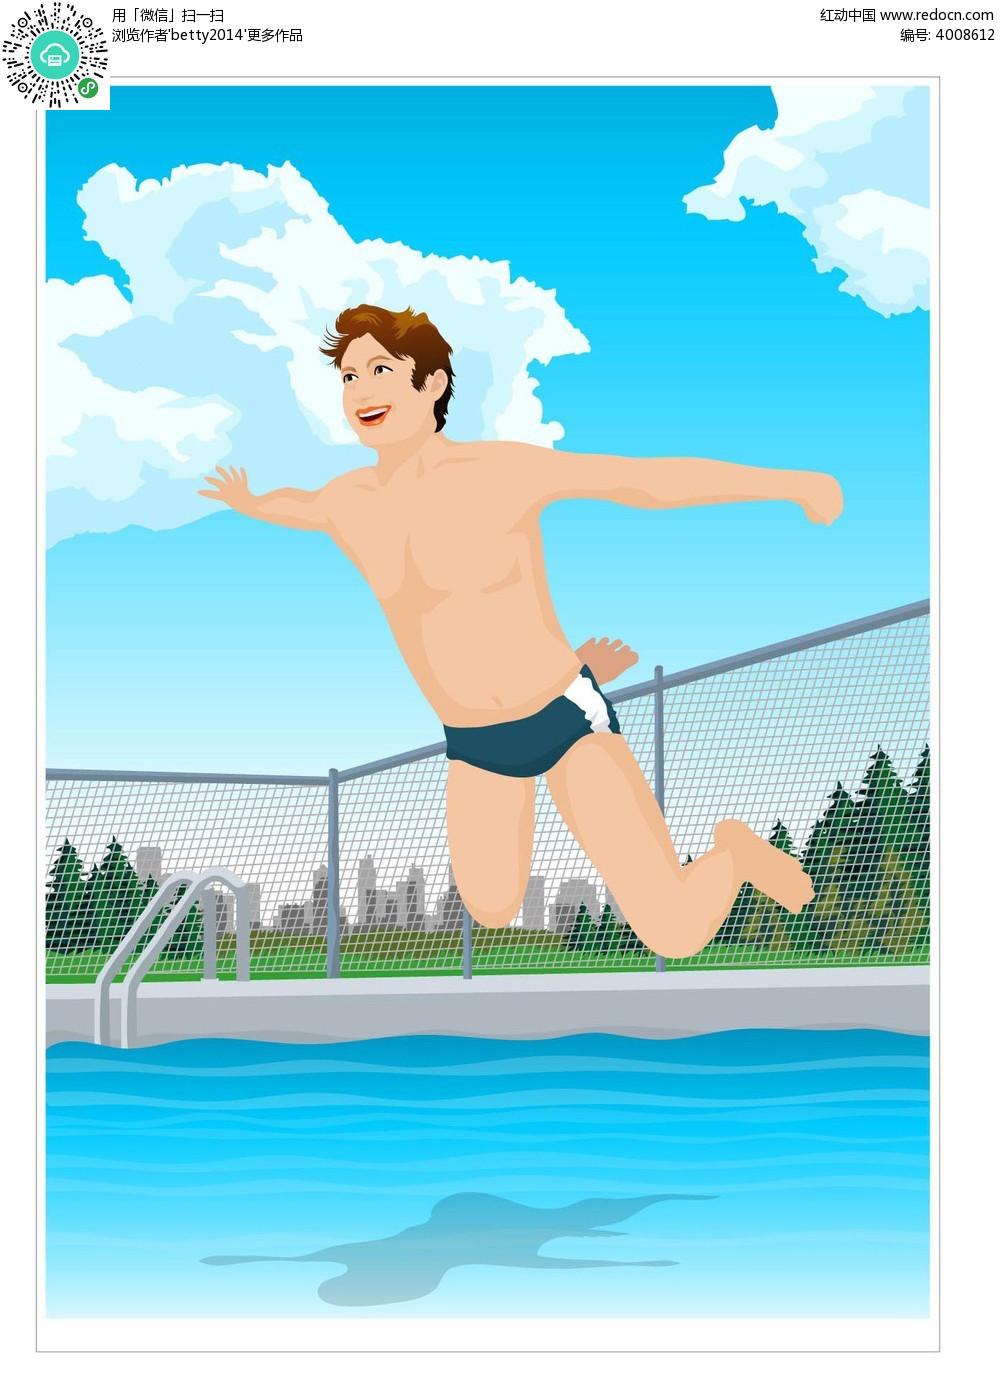 跳水运动手绘背景画